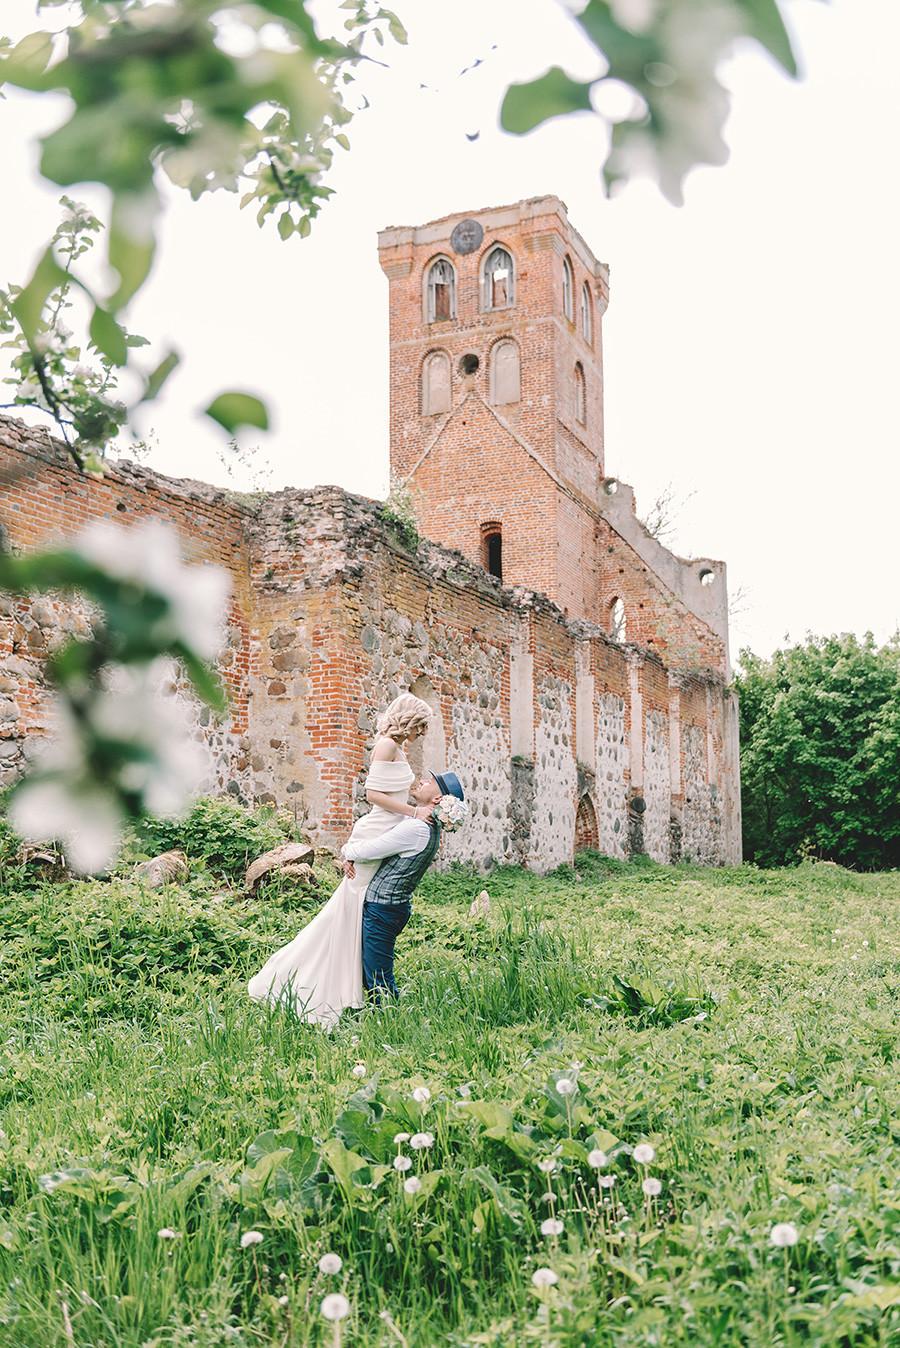 Mariage dans les ruines de l'église Sainte-Barbara à Povounden (Khrabrovo)